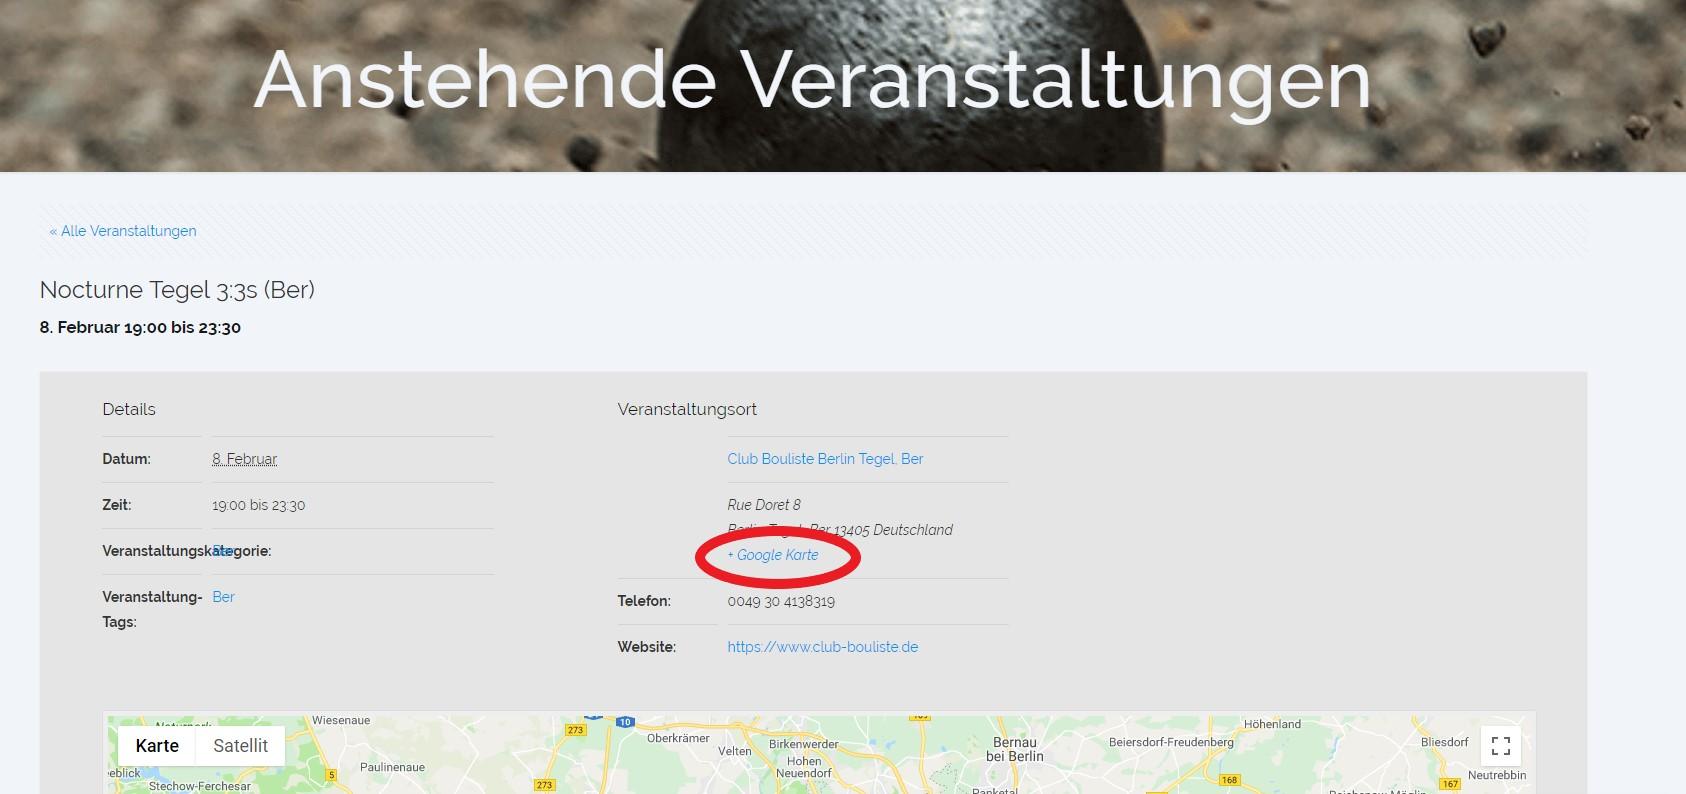 + Google Karte - Zeichen